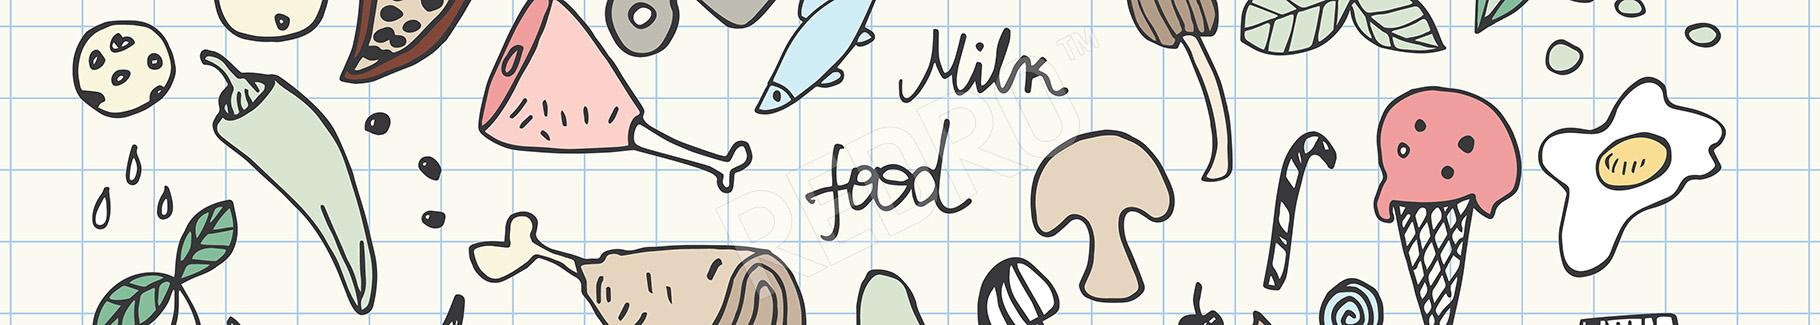 Plakat jedzenie do bistro